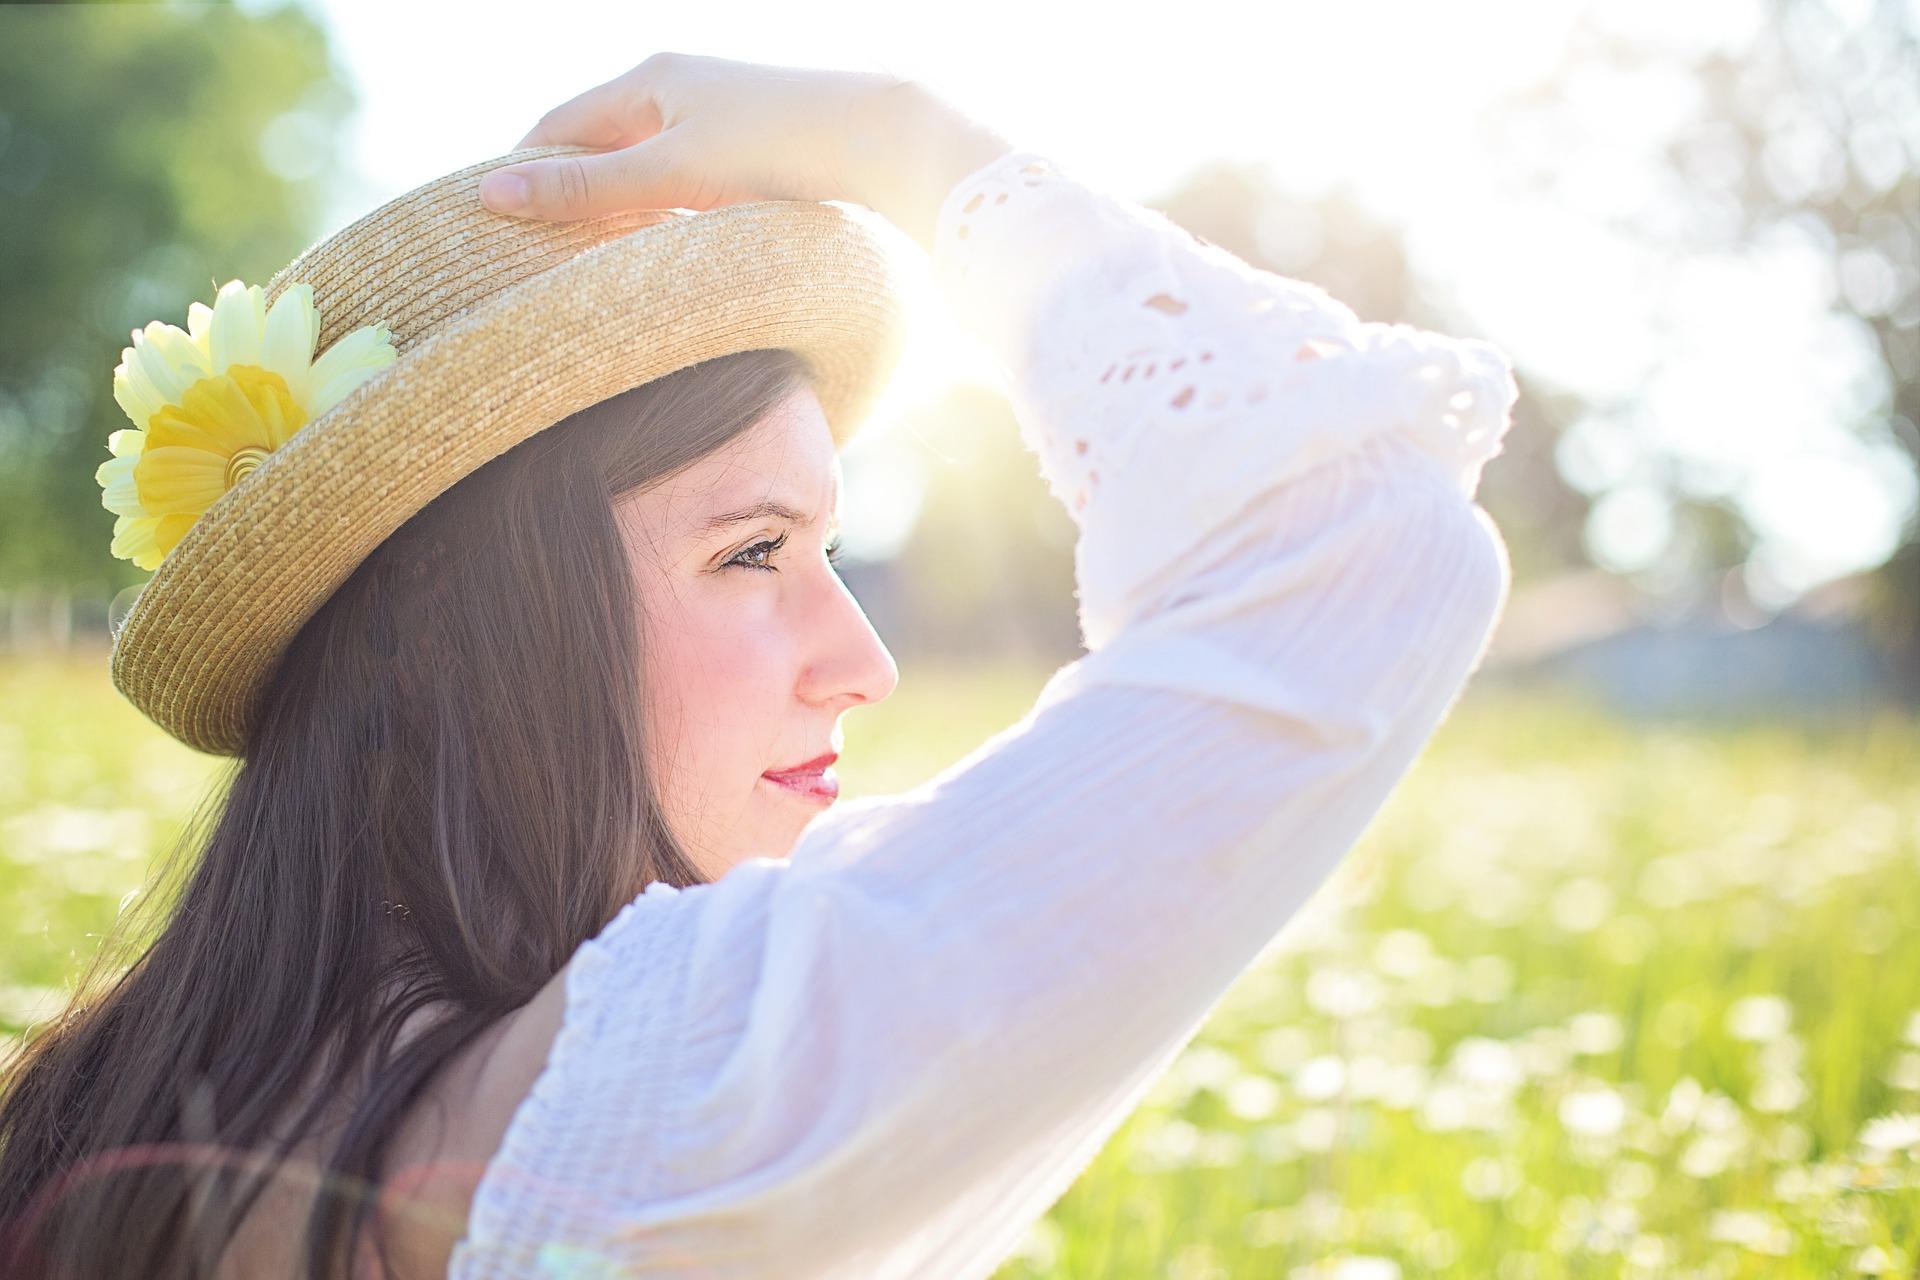 Cómo mantener la higiene íntima de la mujer de forma correcta